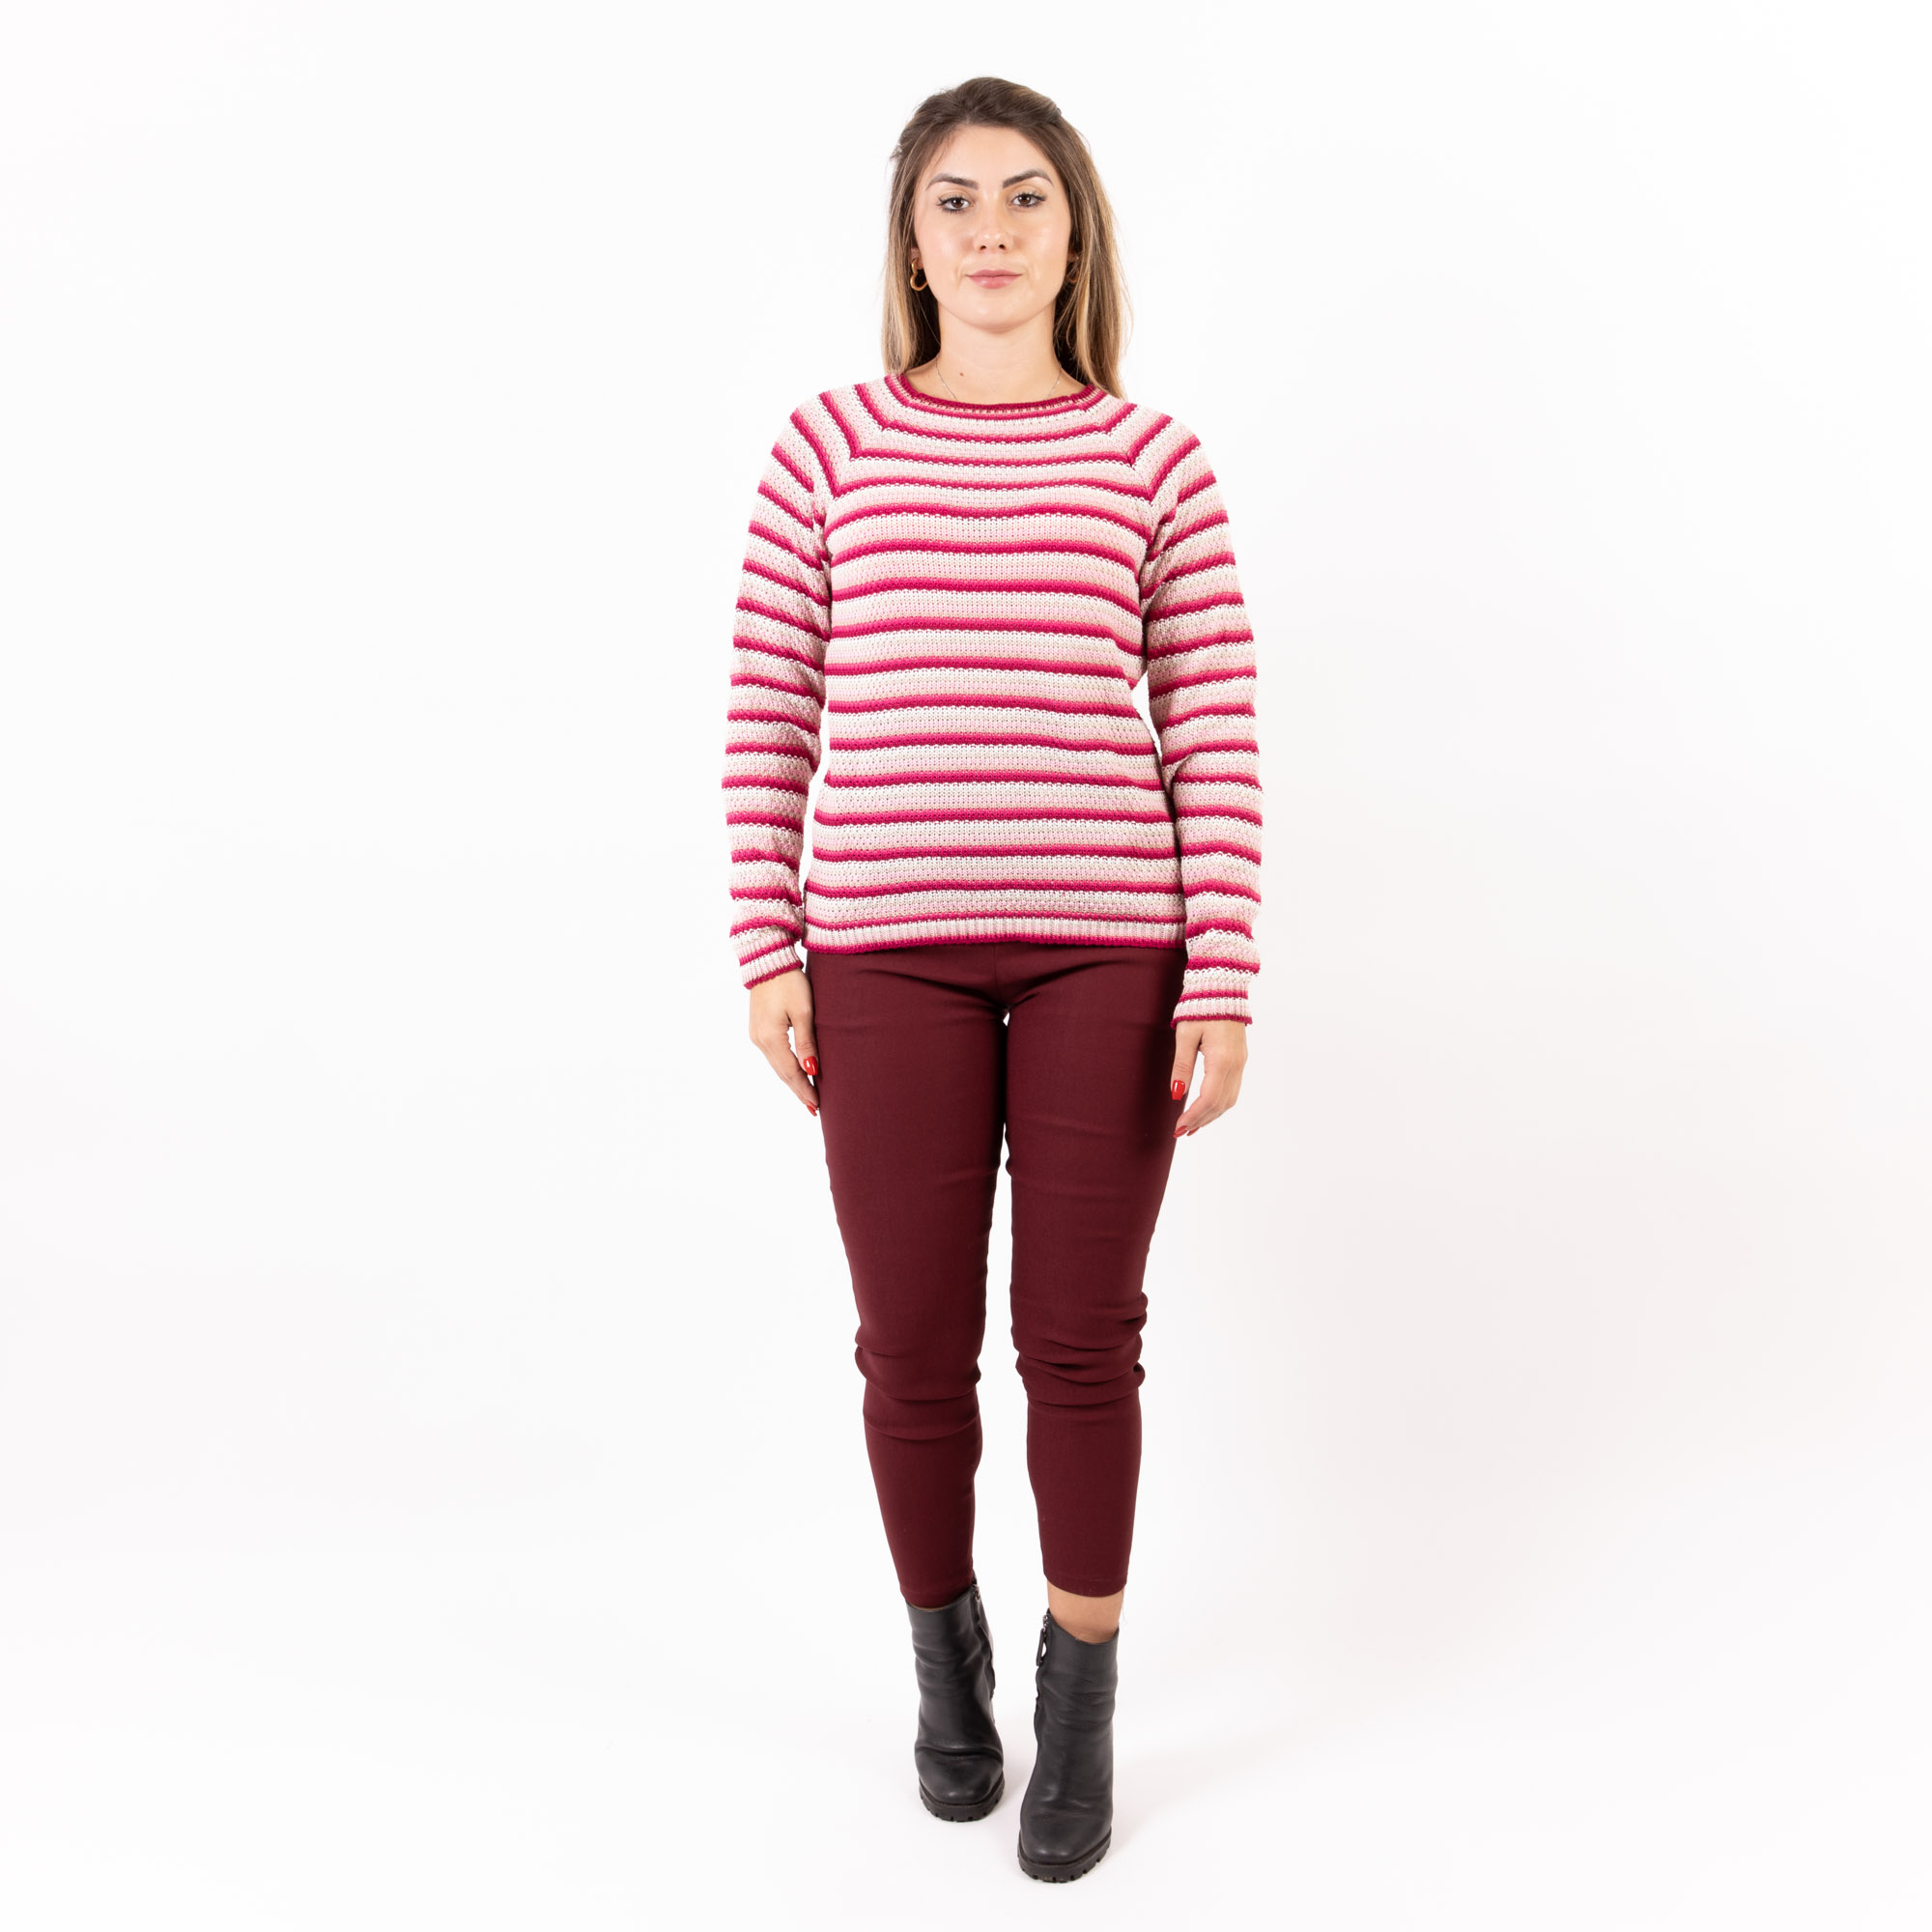 Blusa Tricot Listras Finas coloridas com Gola Canoa